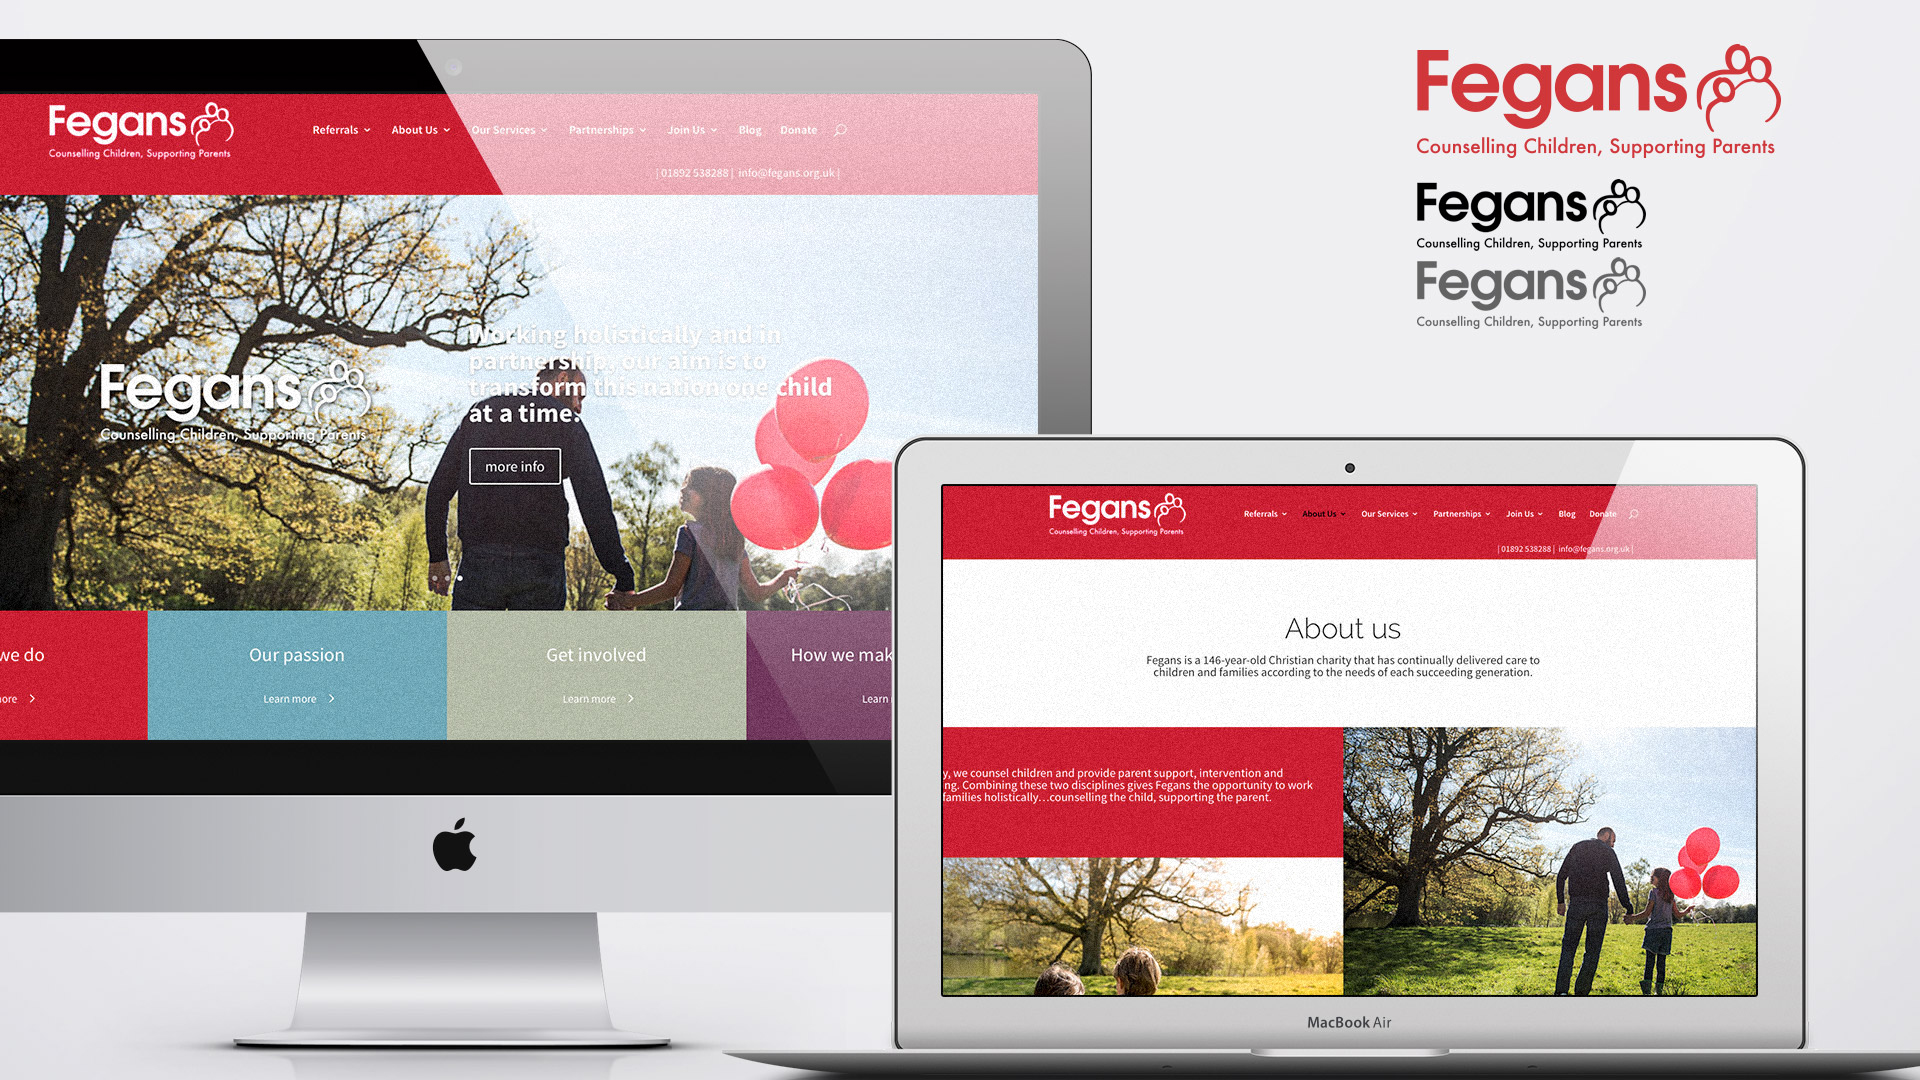 Fegans1